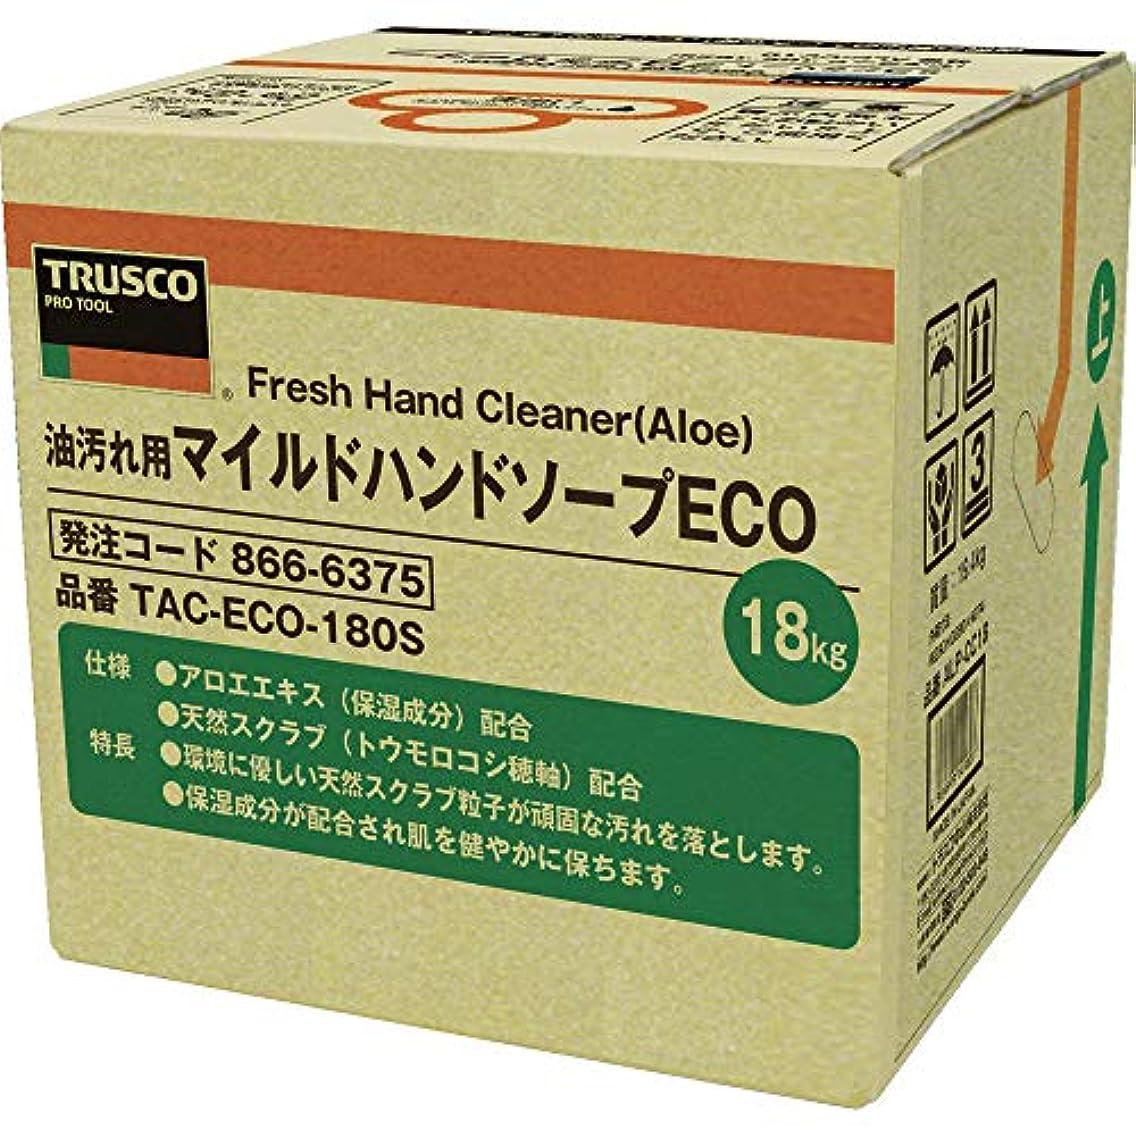 資金行く帰るTRUSCO(トラスコ) マイルドハンドソープ ECO 18L 詰替 バッグインボックス TACECO180S